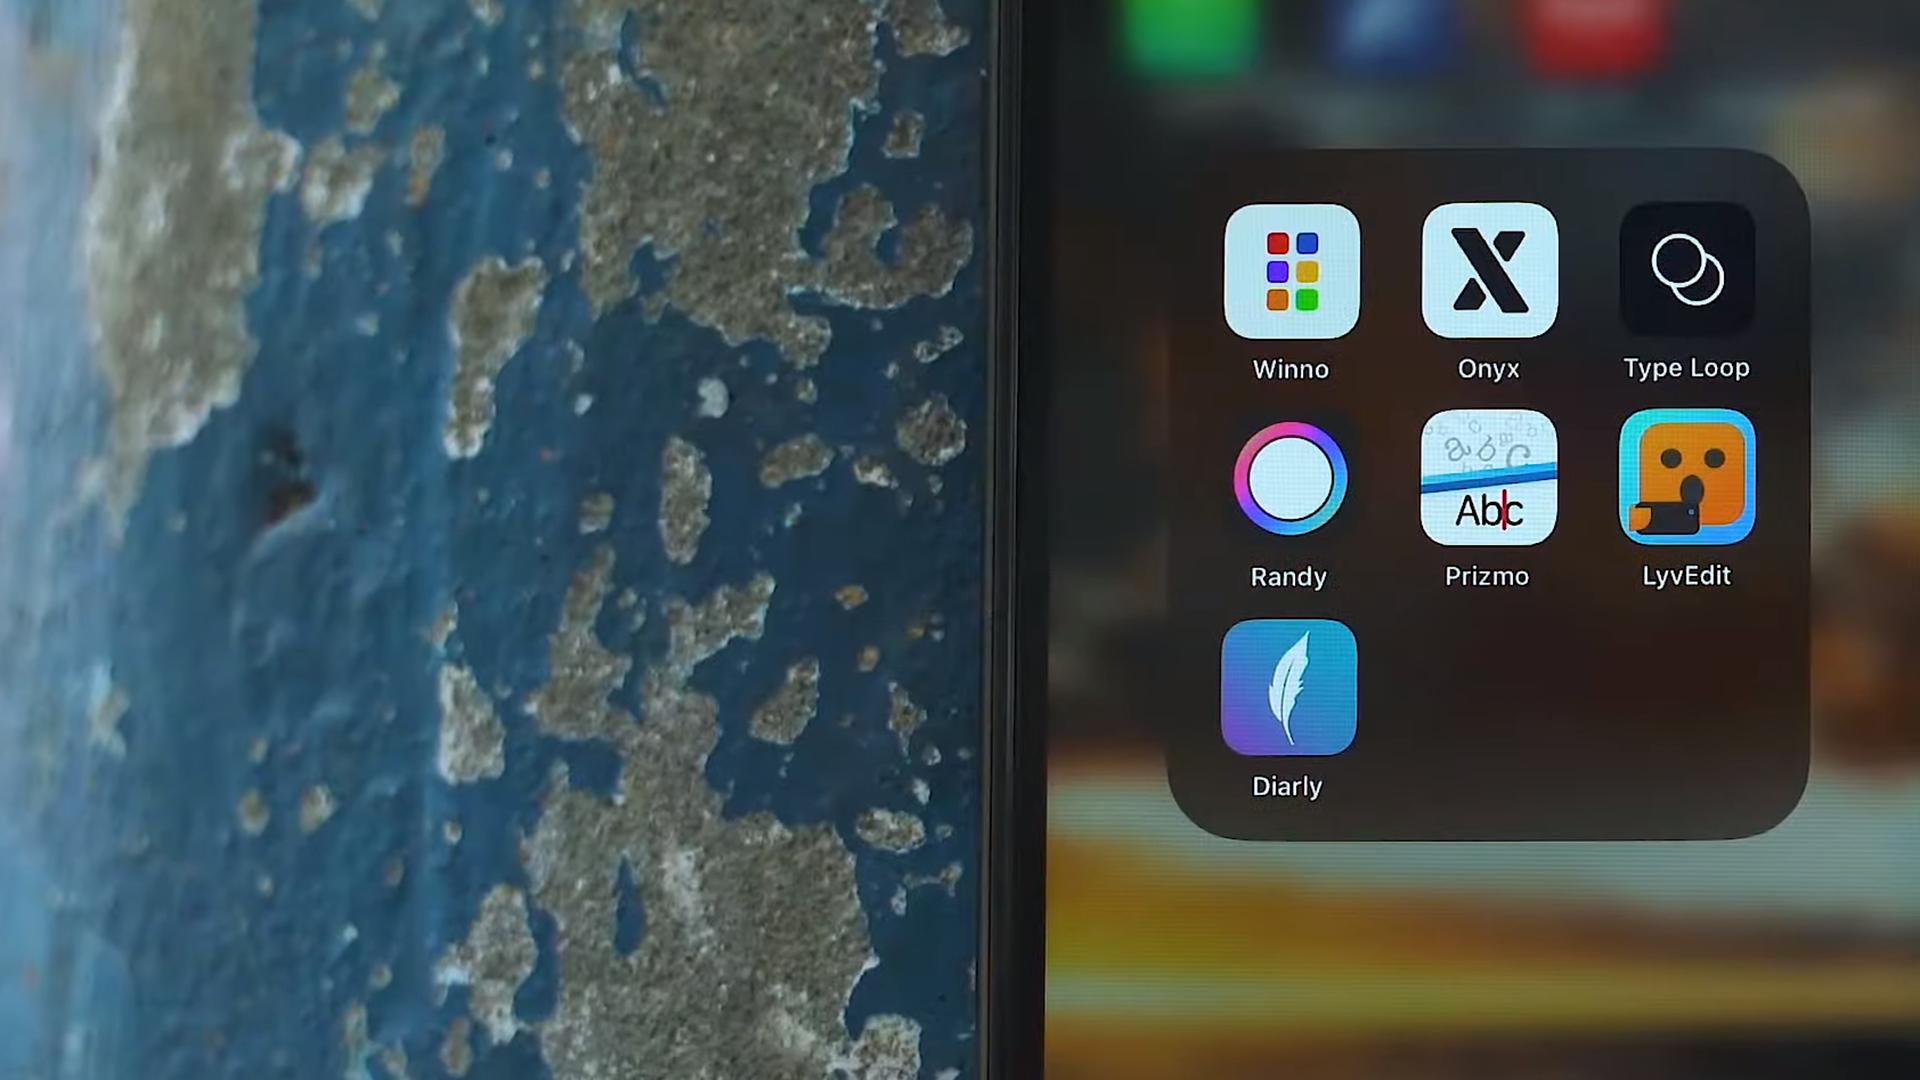 Топ 7 лучших бесплатных приложений для iPhone и iPad в сентябре 2019 года